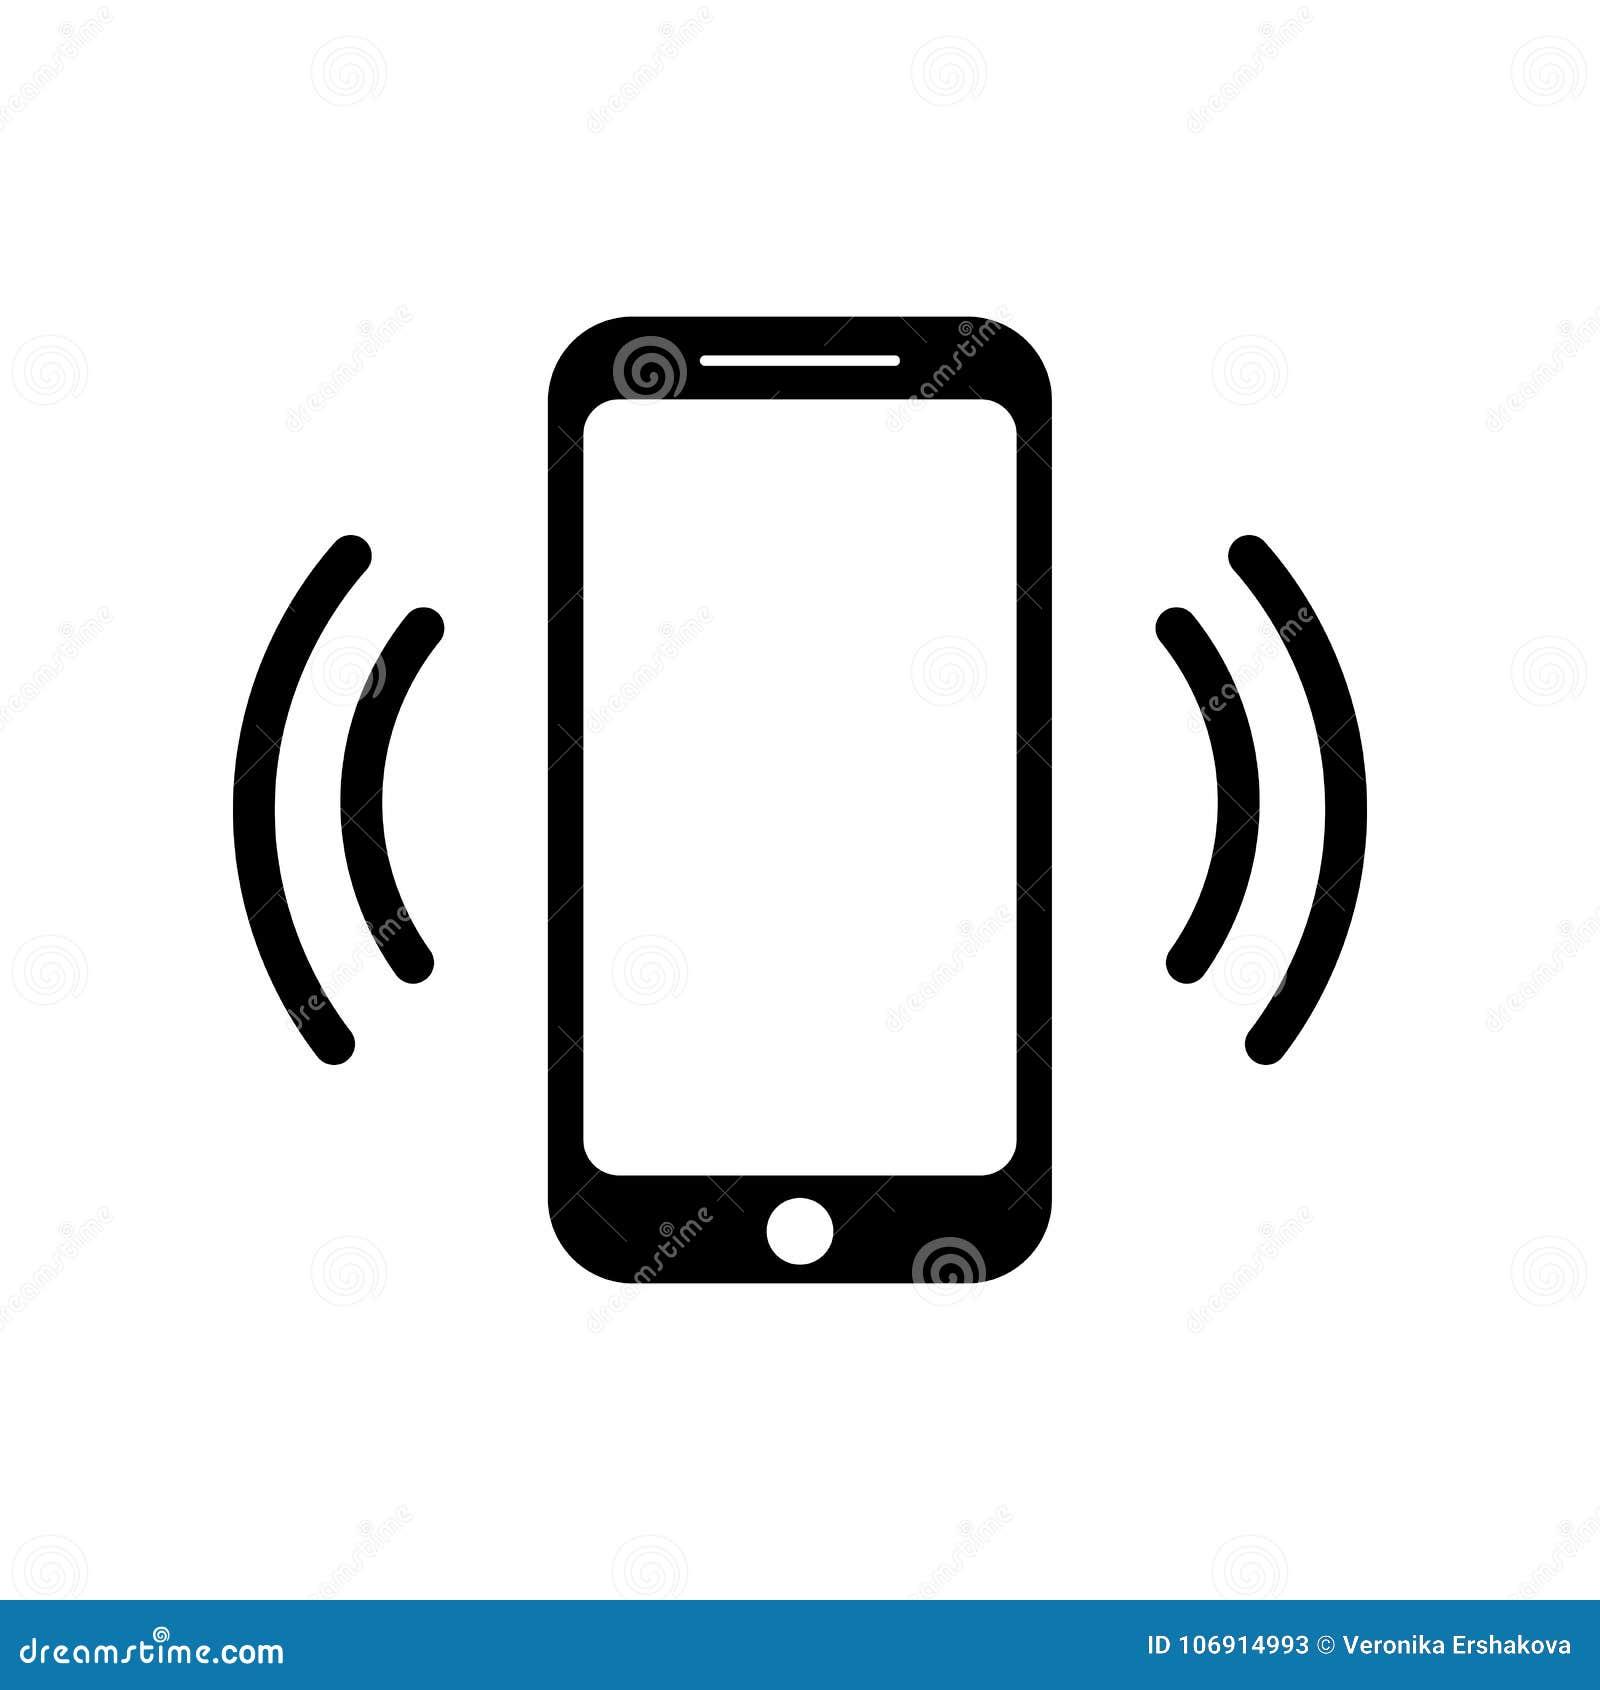 Icono de sonido de la llamada de teléfono móvil del icono del smartphone